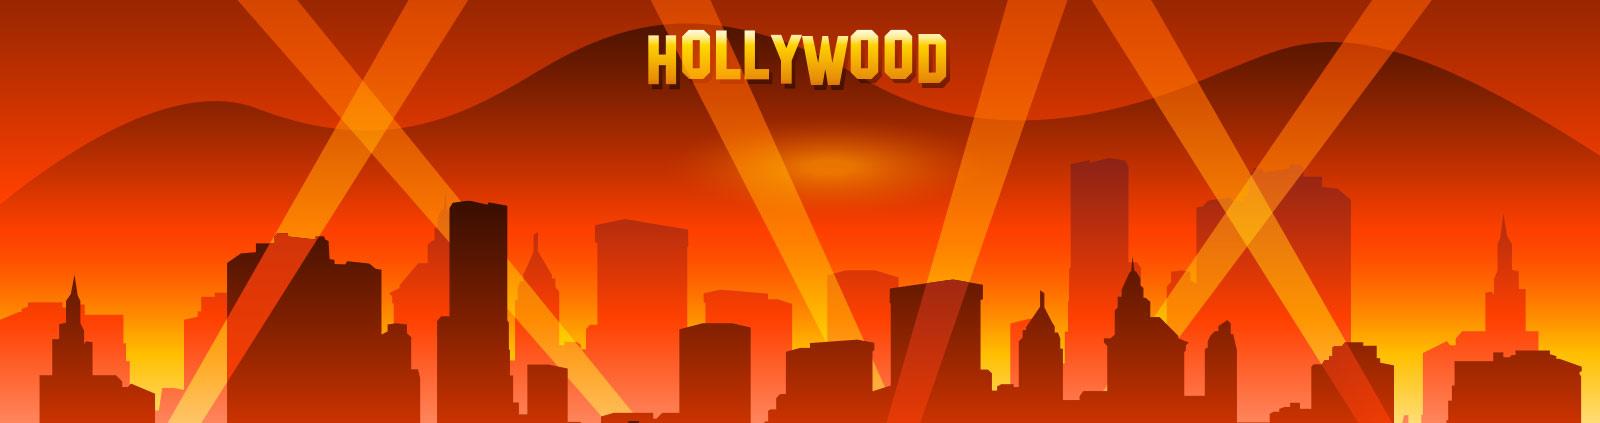 Slider Image - Hollywood